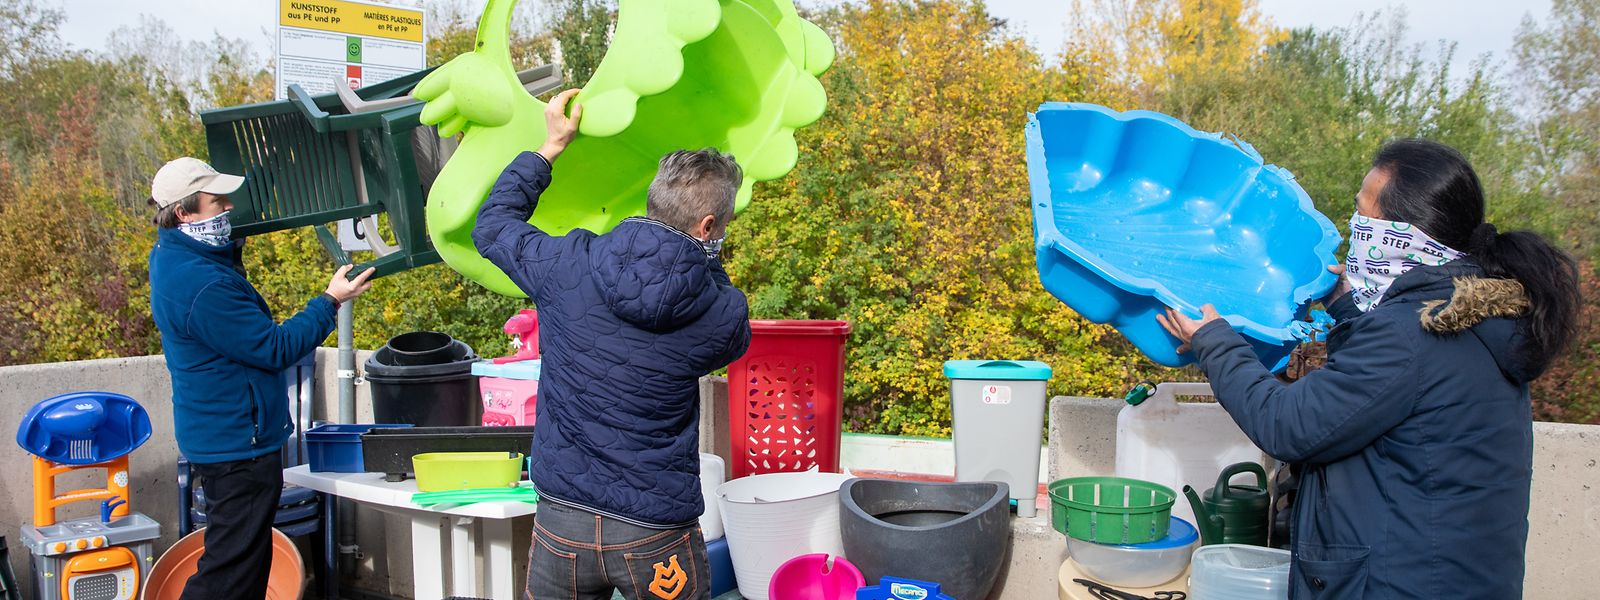 Solche Plastikgegenstände, die bisher im Sperrmüll landeten, werden von nun an im STEP-Recycling-Park in Düdelingen gesondert gesammelt und später recycelt.